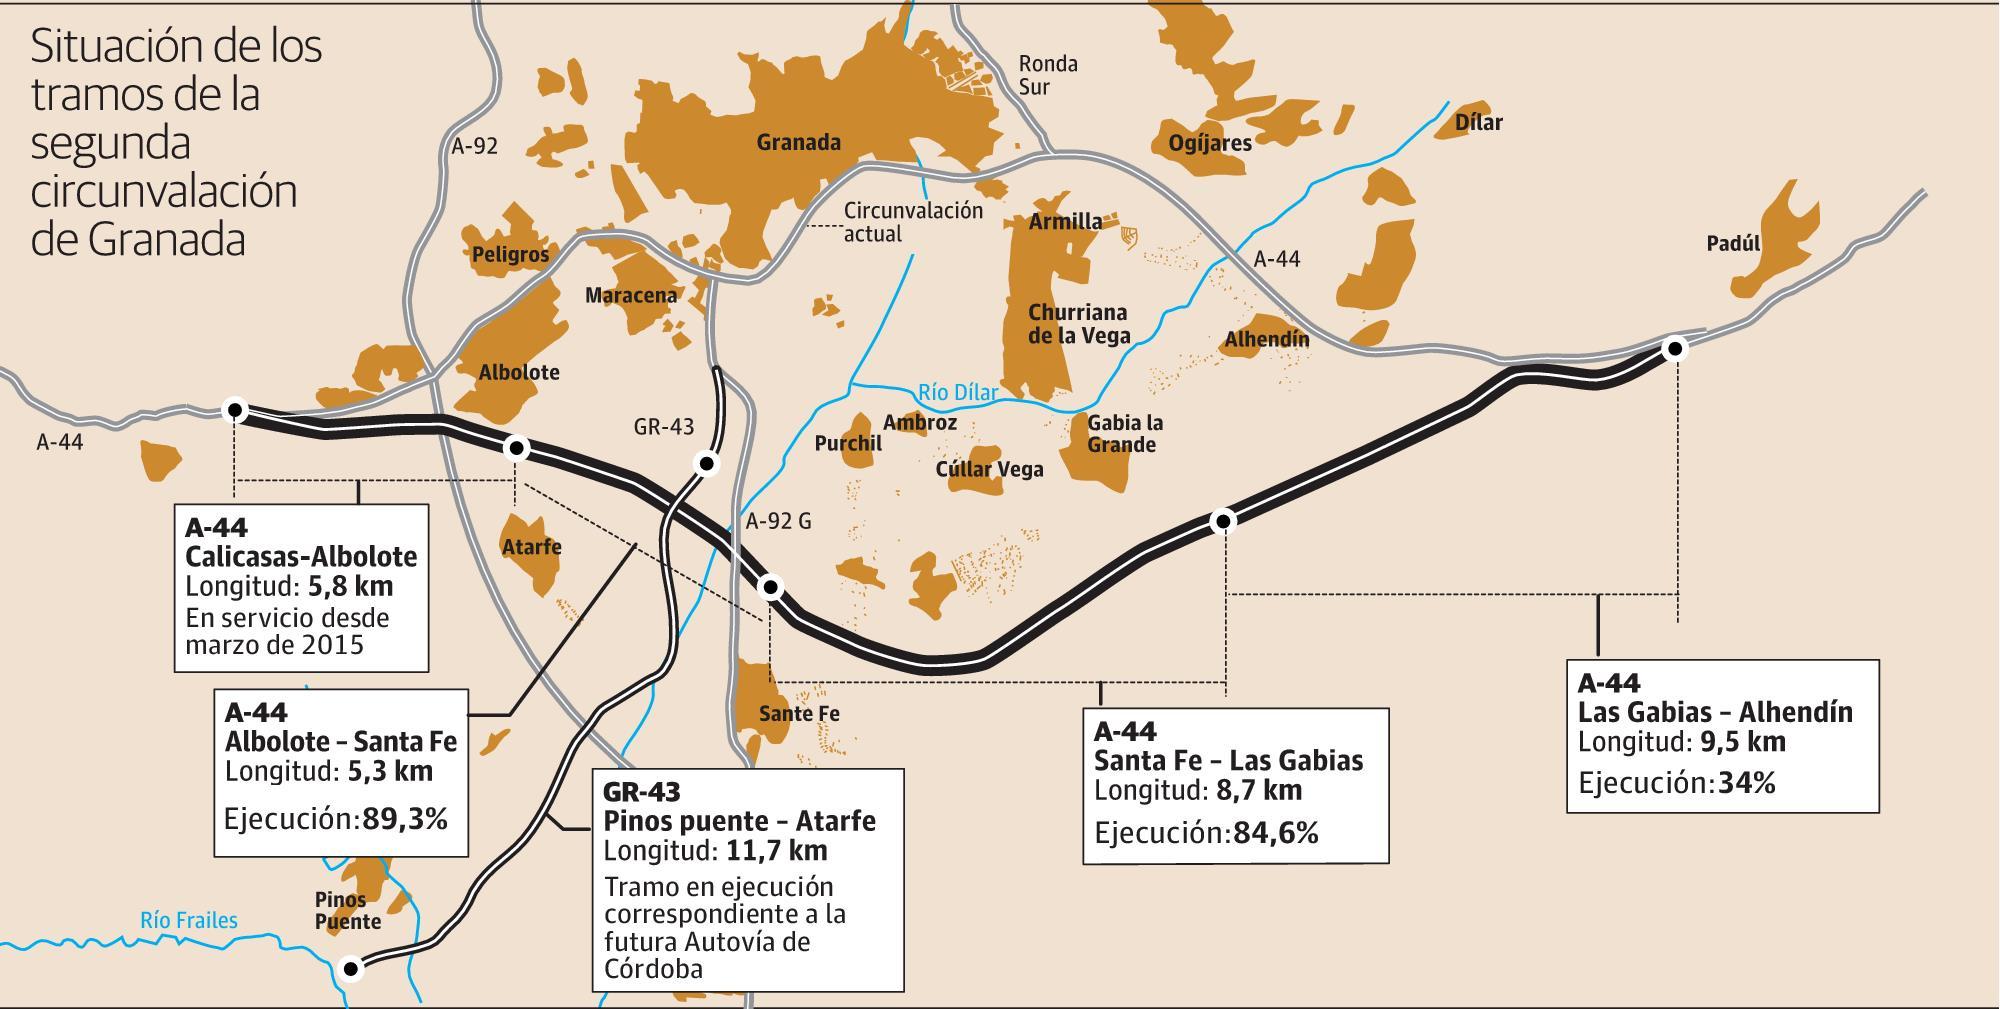 Situación de los tramos de la Segunda Circunvalación de Granada